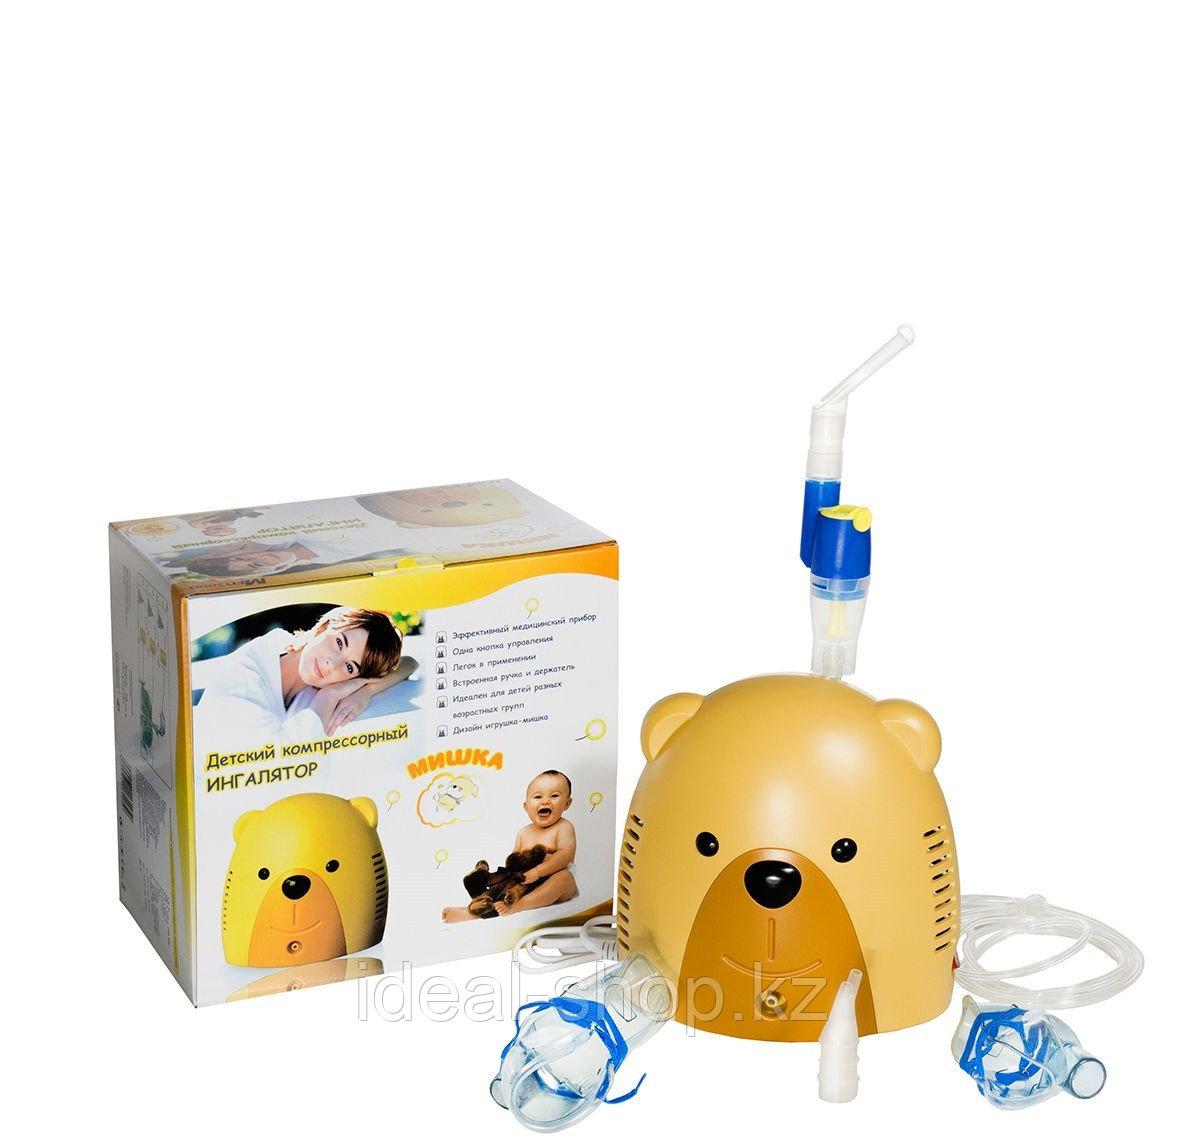 Компрессорный ингалятор Мишка p3 Med 2000.без сумки - фото 2